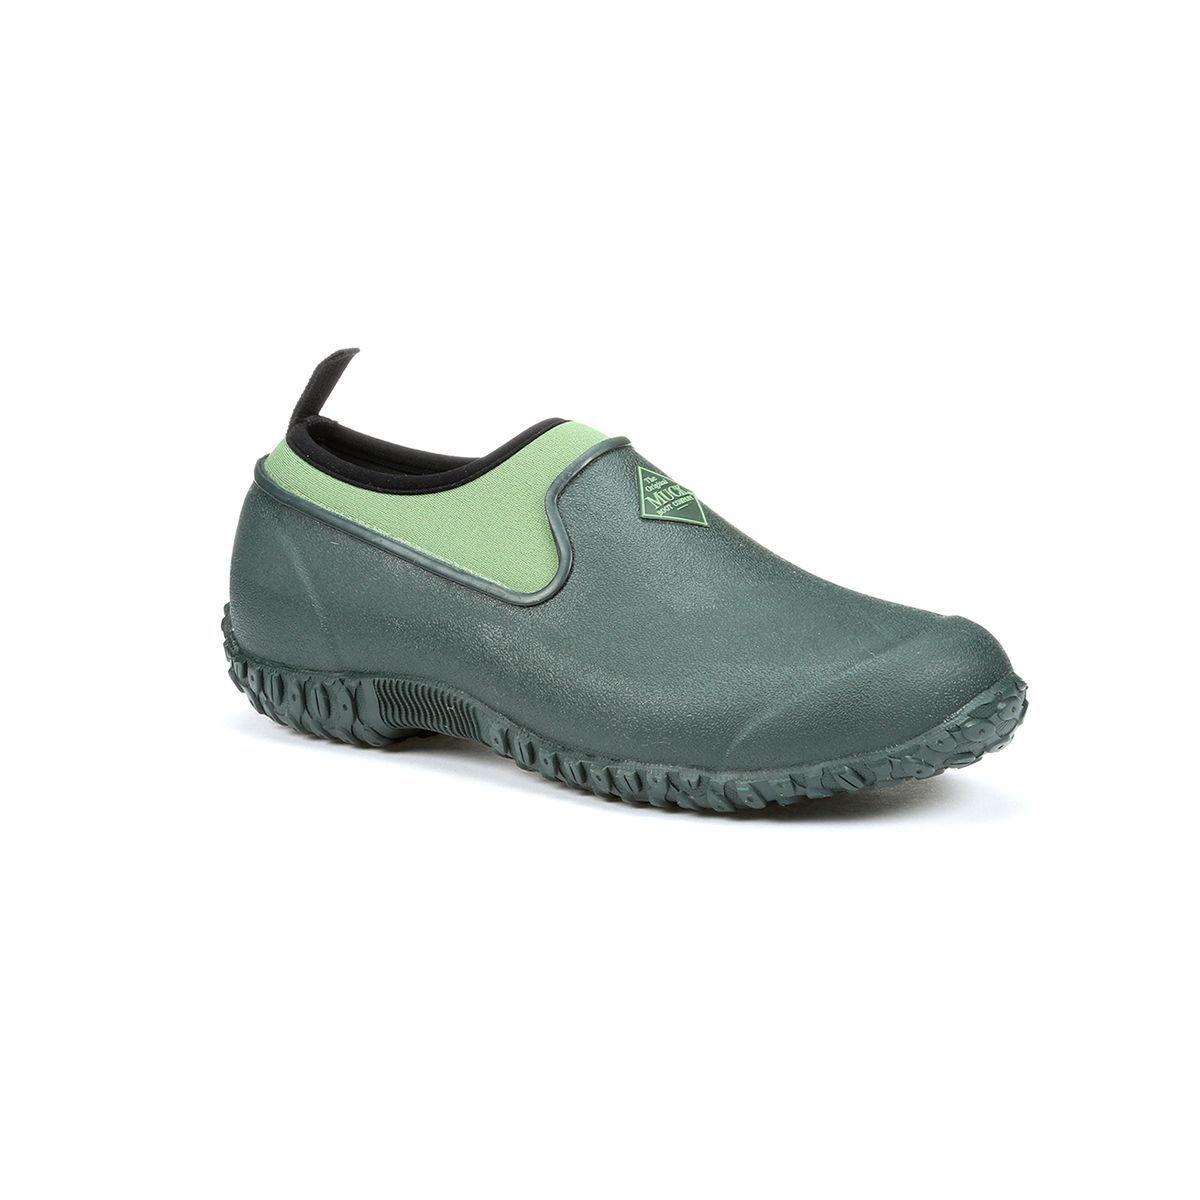 Muck Boots tobillo muckster II tobillo todo propósito tobillo Boots zapato verde - Mujer size 6 729cf3